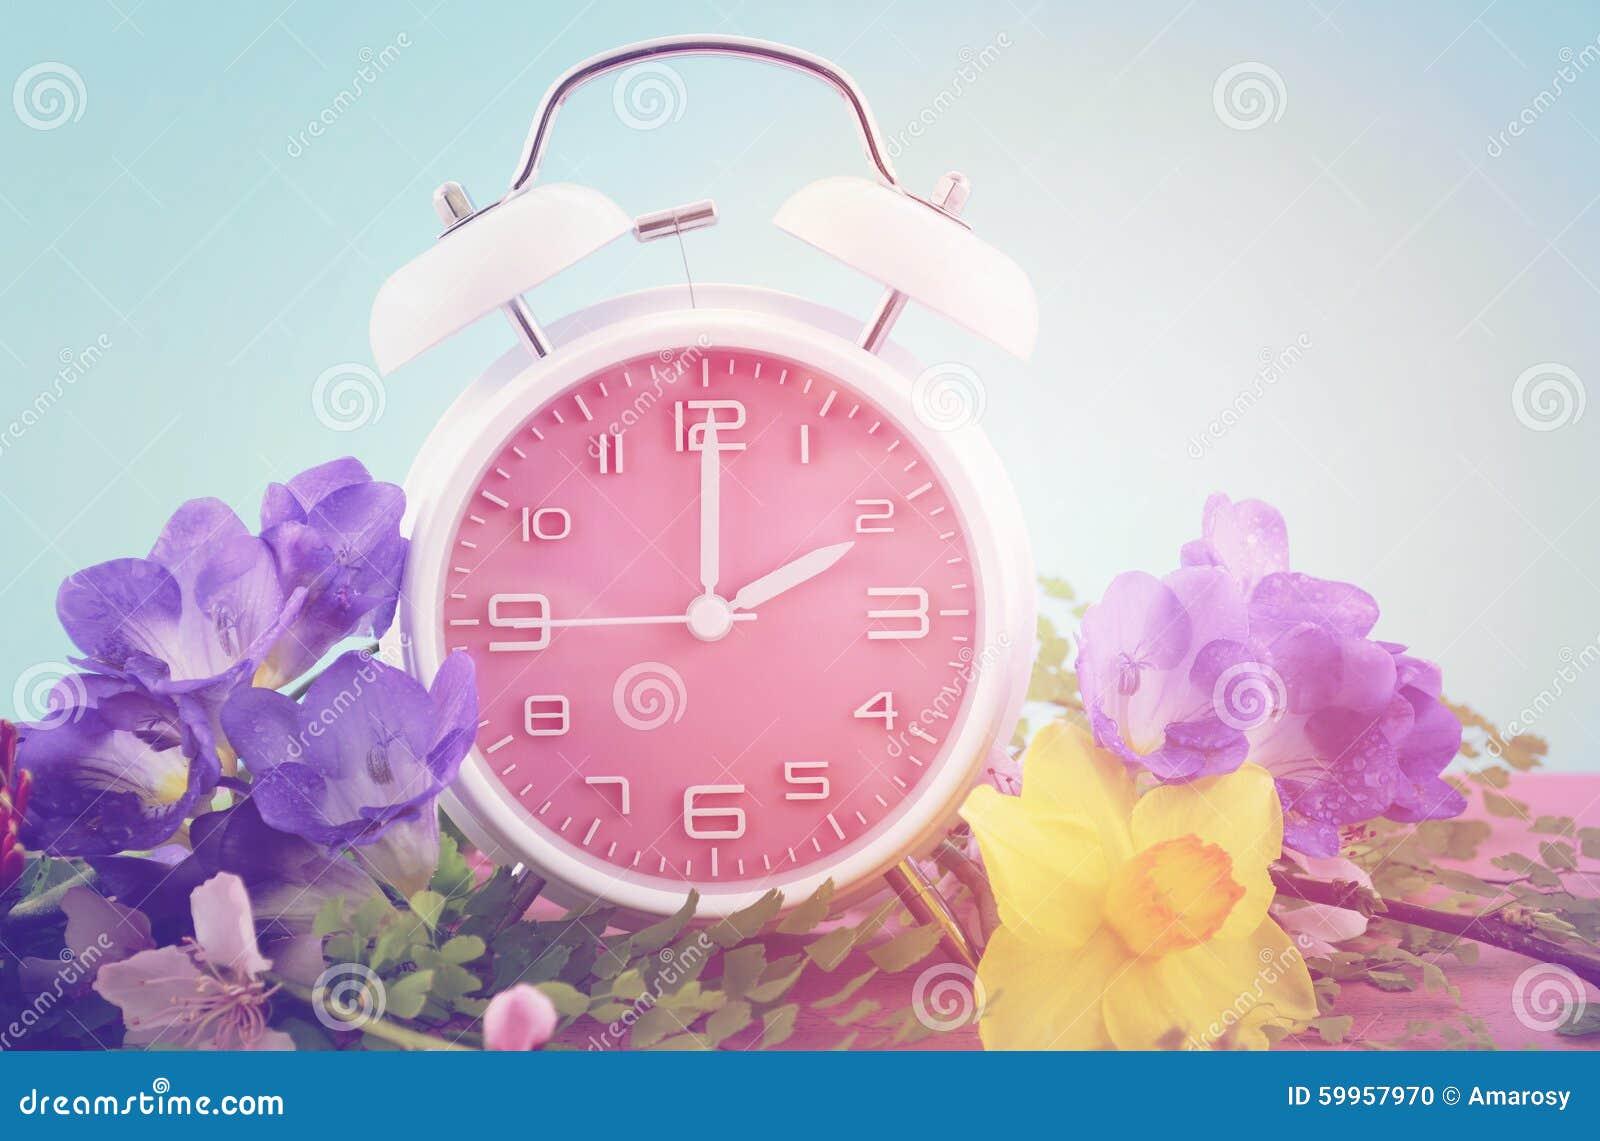 Concepto del reloj del horario de verano de la primavera